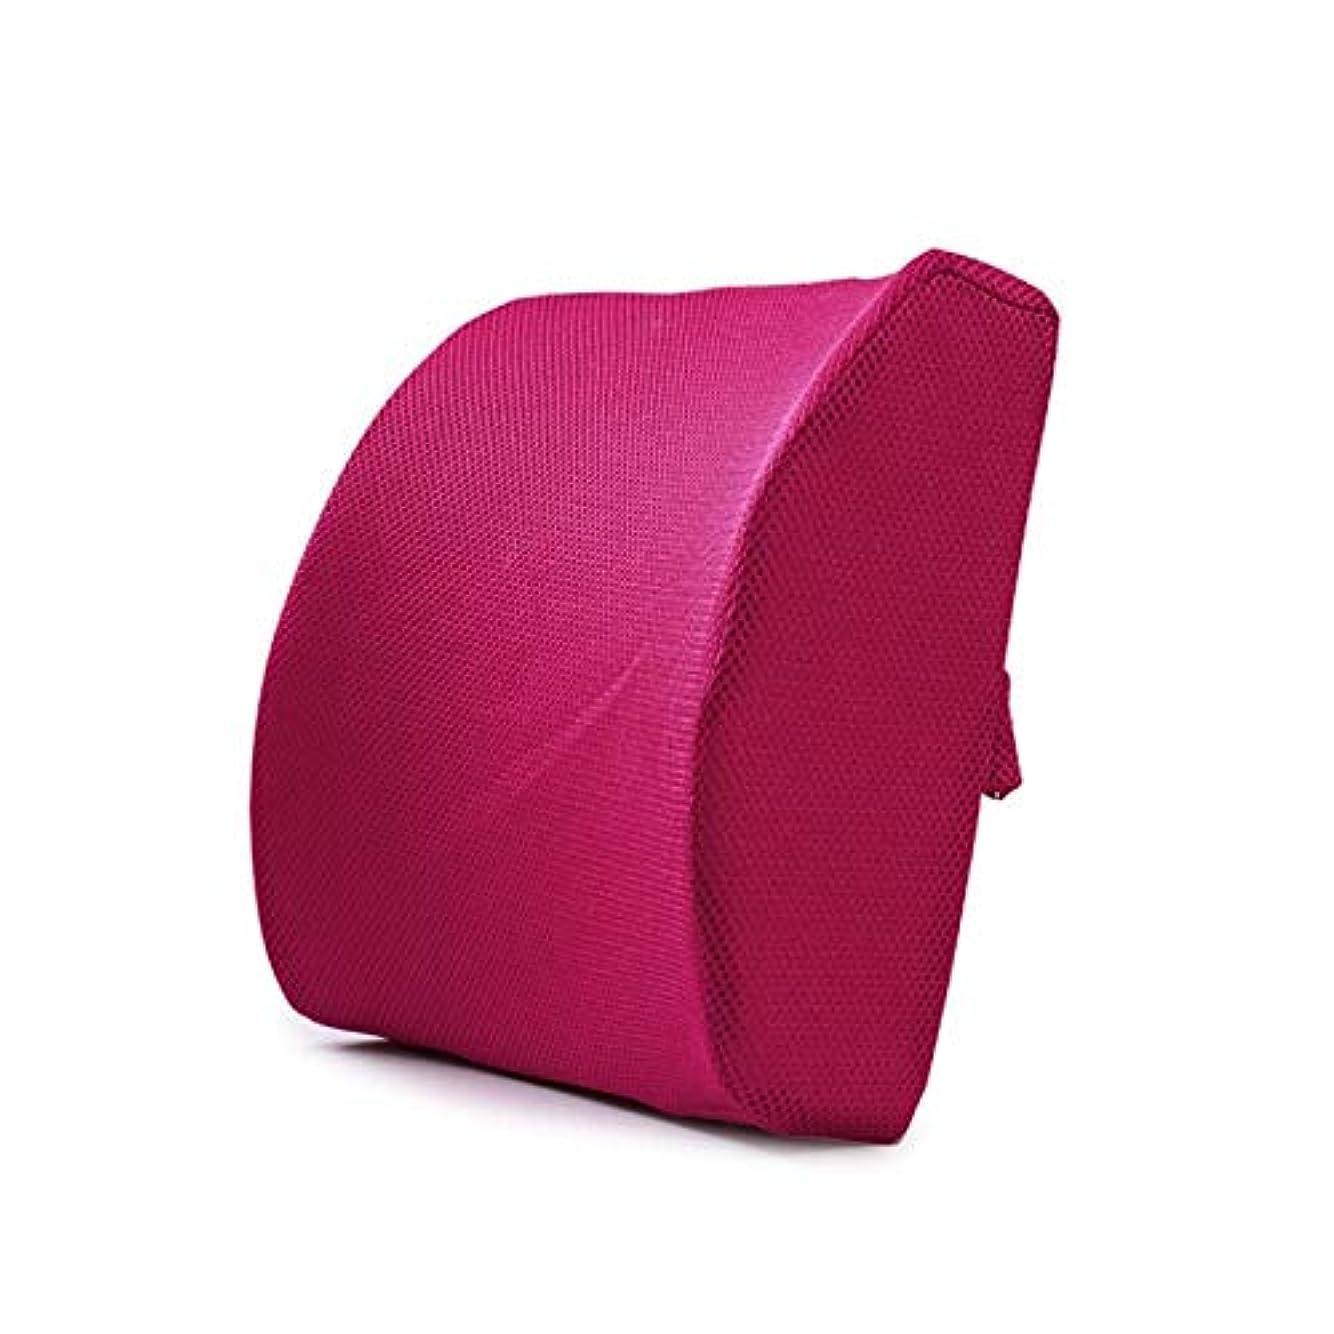 はげ同種の怖がって死ぬLIFE ホームオフィス背もたれ椅子腰椎クッションカーシートネック枕 3D 低反発サポートバックマッサージウエストレスリビング枕 クッション 椅子